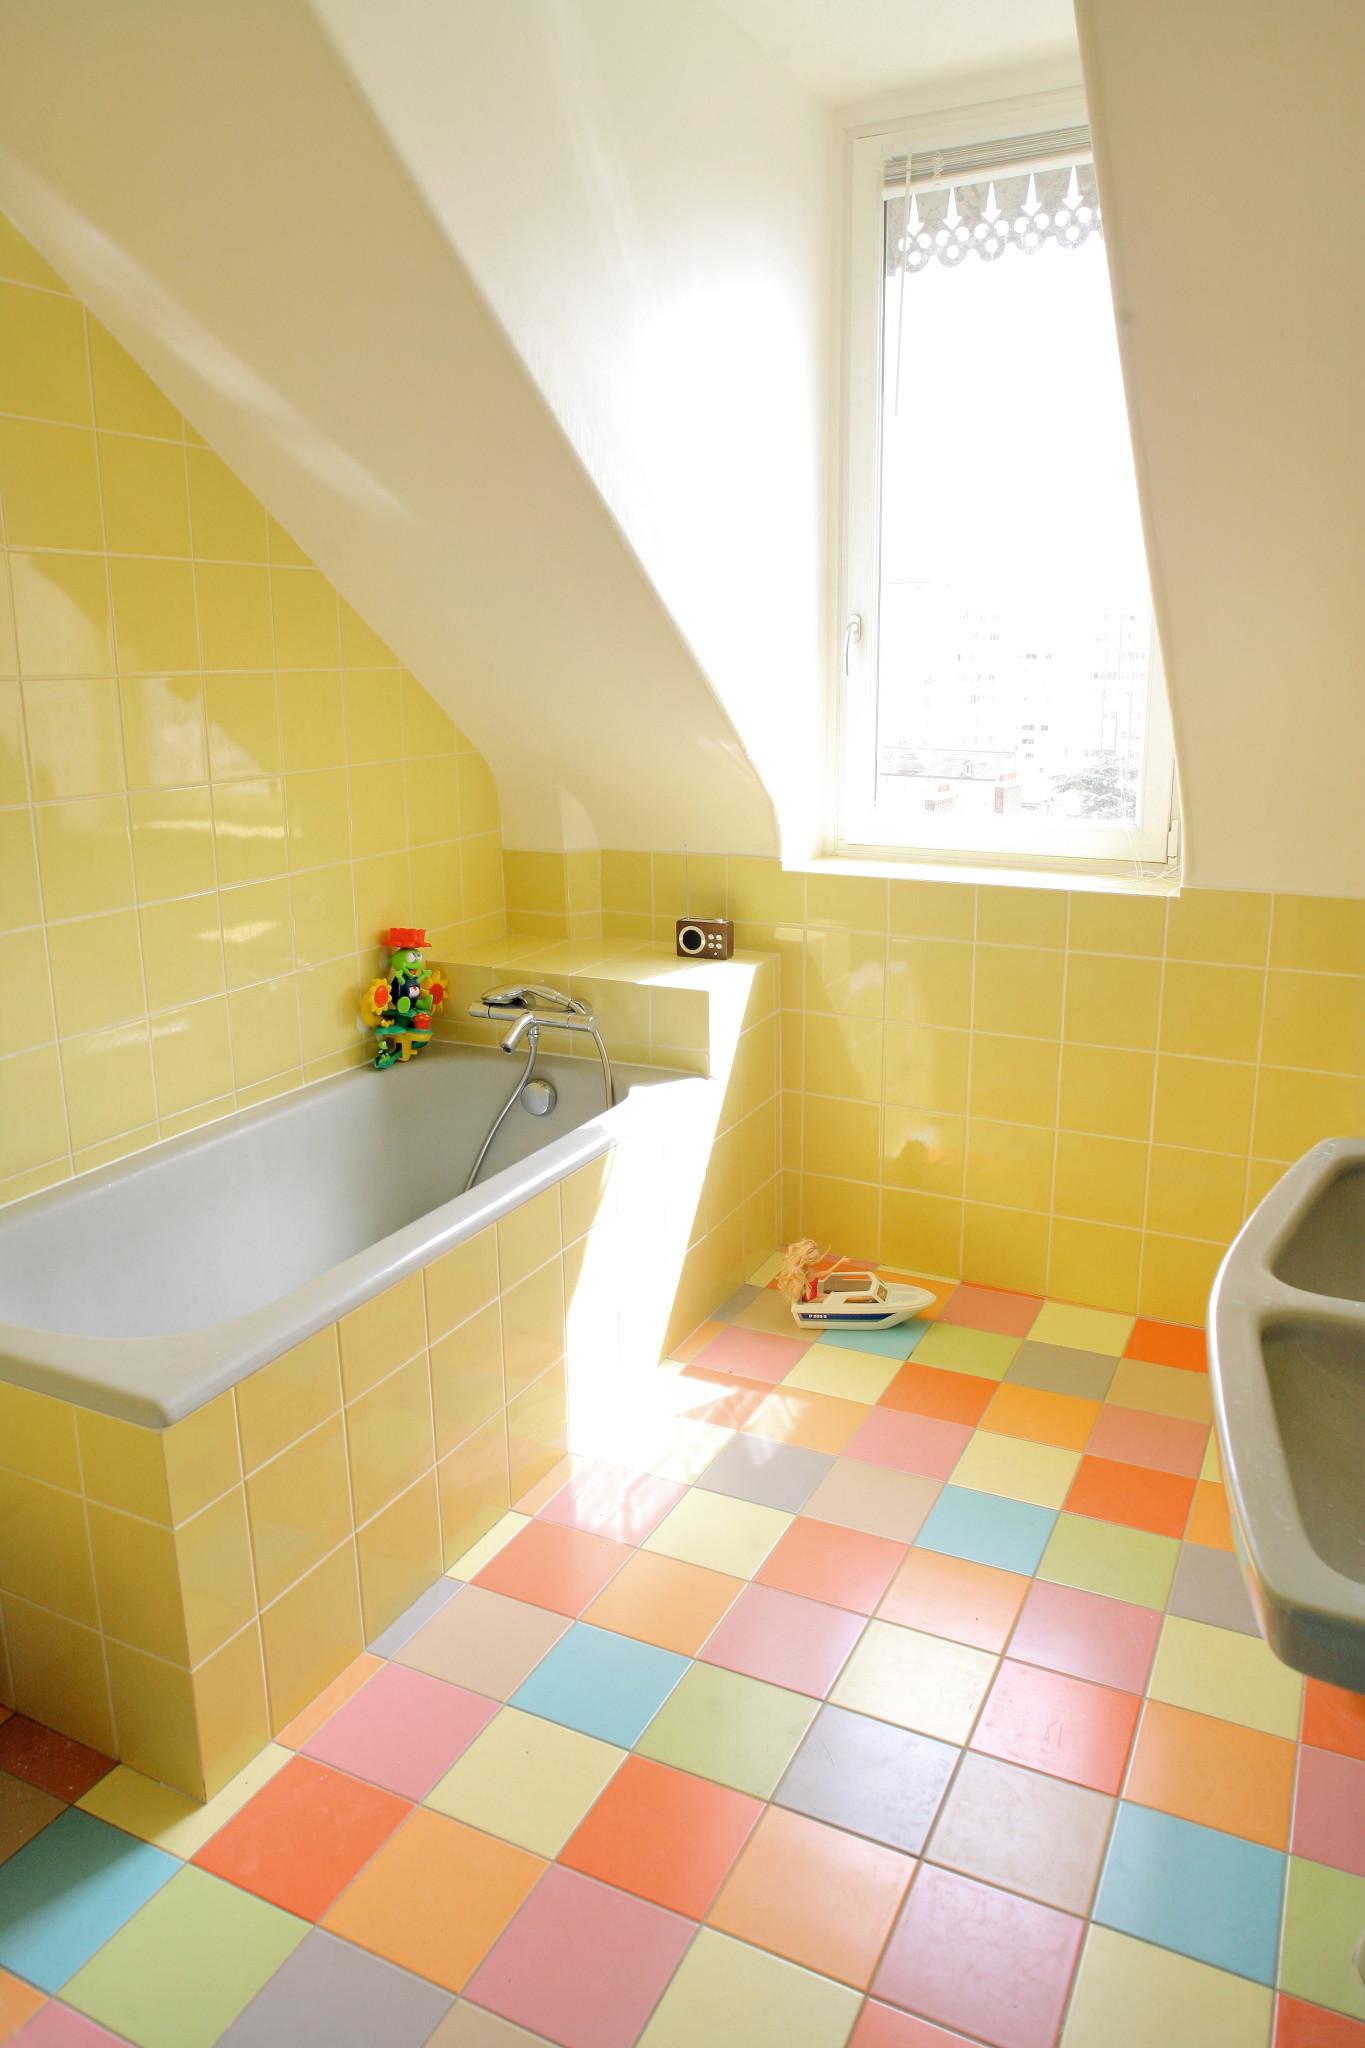 Nonjetable-Salle-de-bains-d'Enfant-Multicolore-01